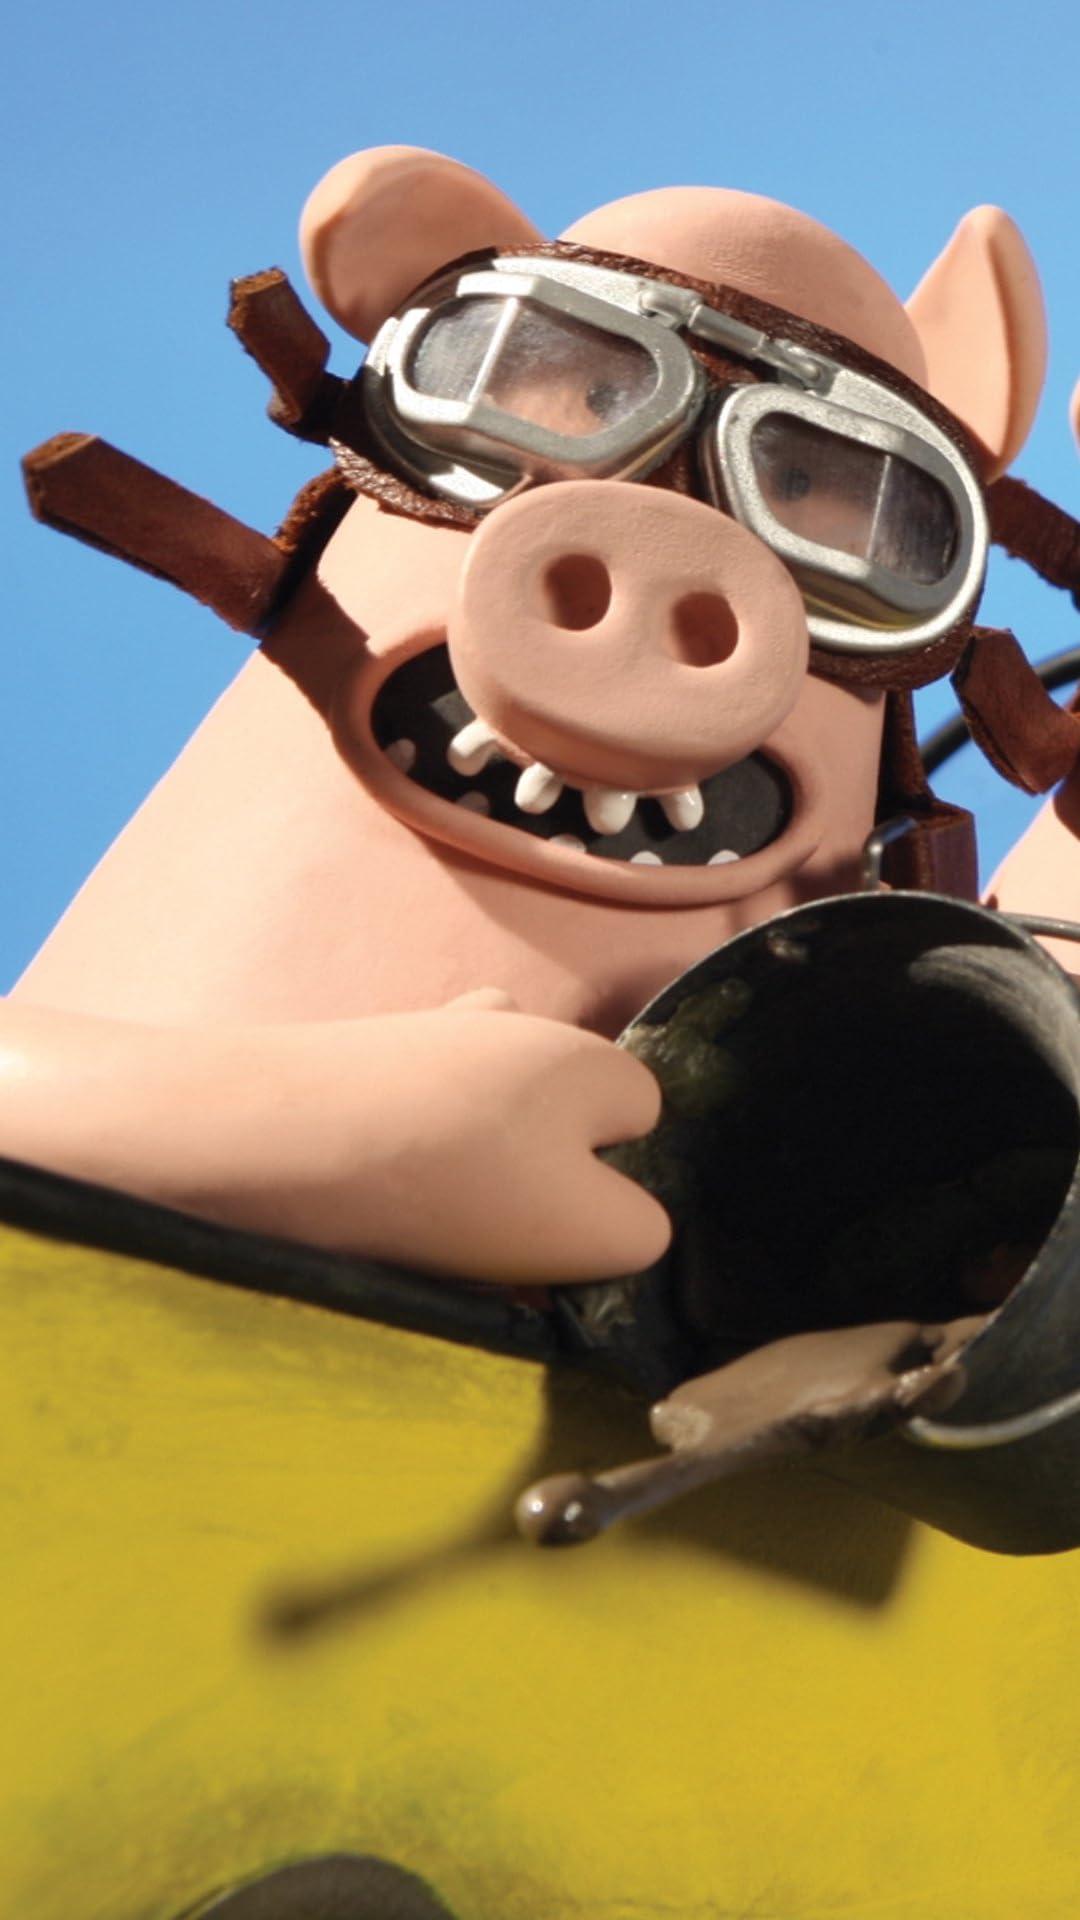 ひつじのショーン 3匹のいたずらブタ (The Naughty Pigs) フルHD(1080×1920)スマホ壁紙/待受画像